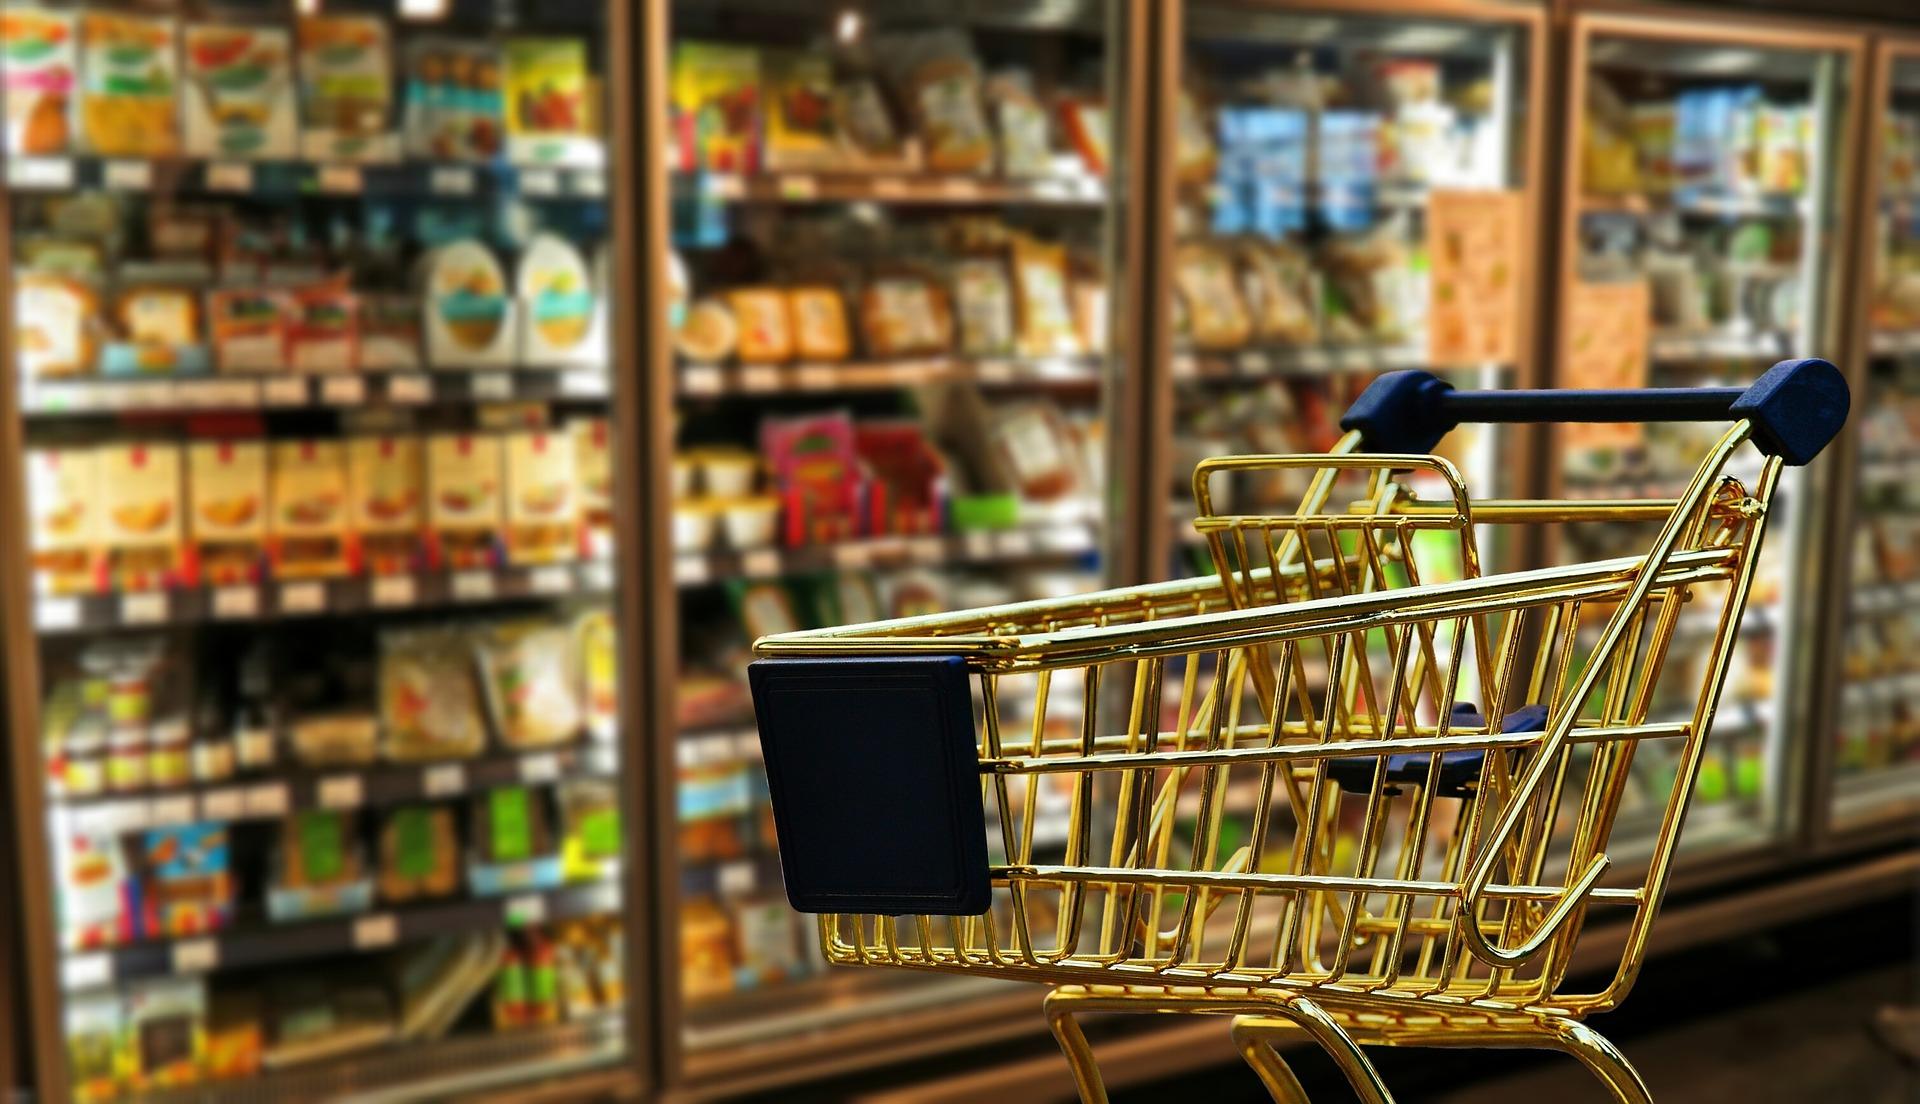 Quais as vantagens da energia solar para supermercados e padarias?